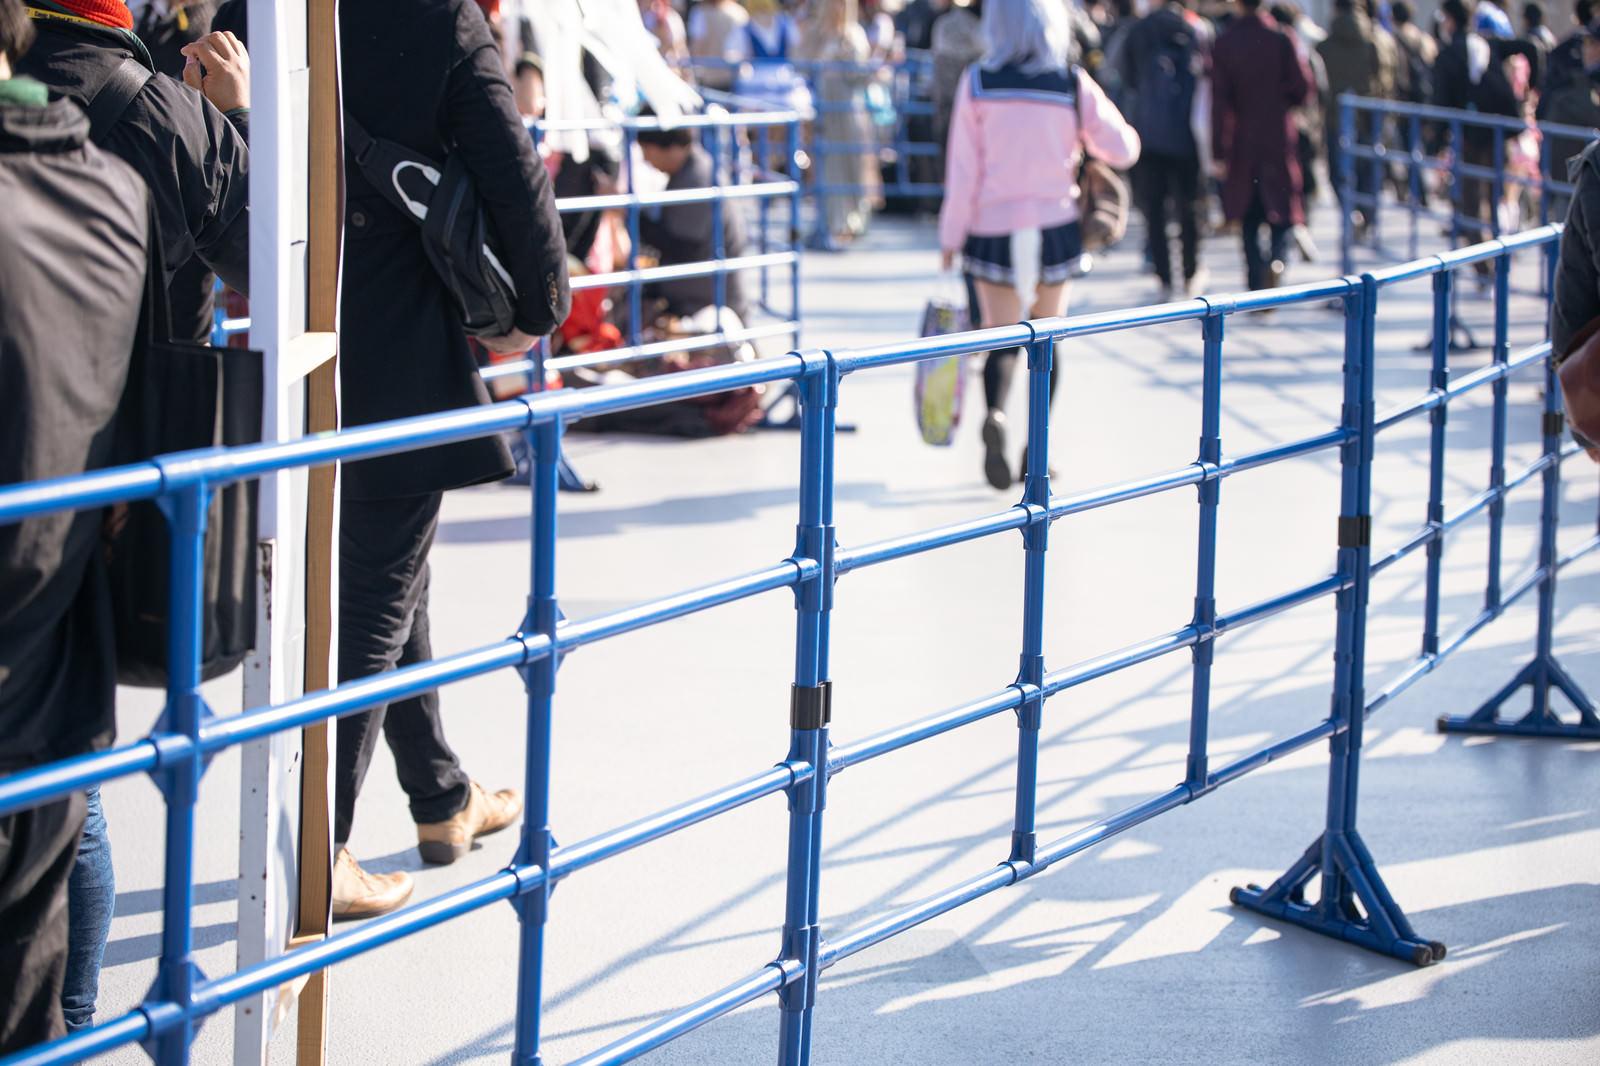 「コスプレエリアを隔てる柵」の写真